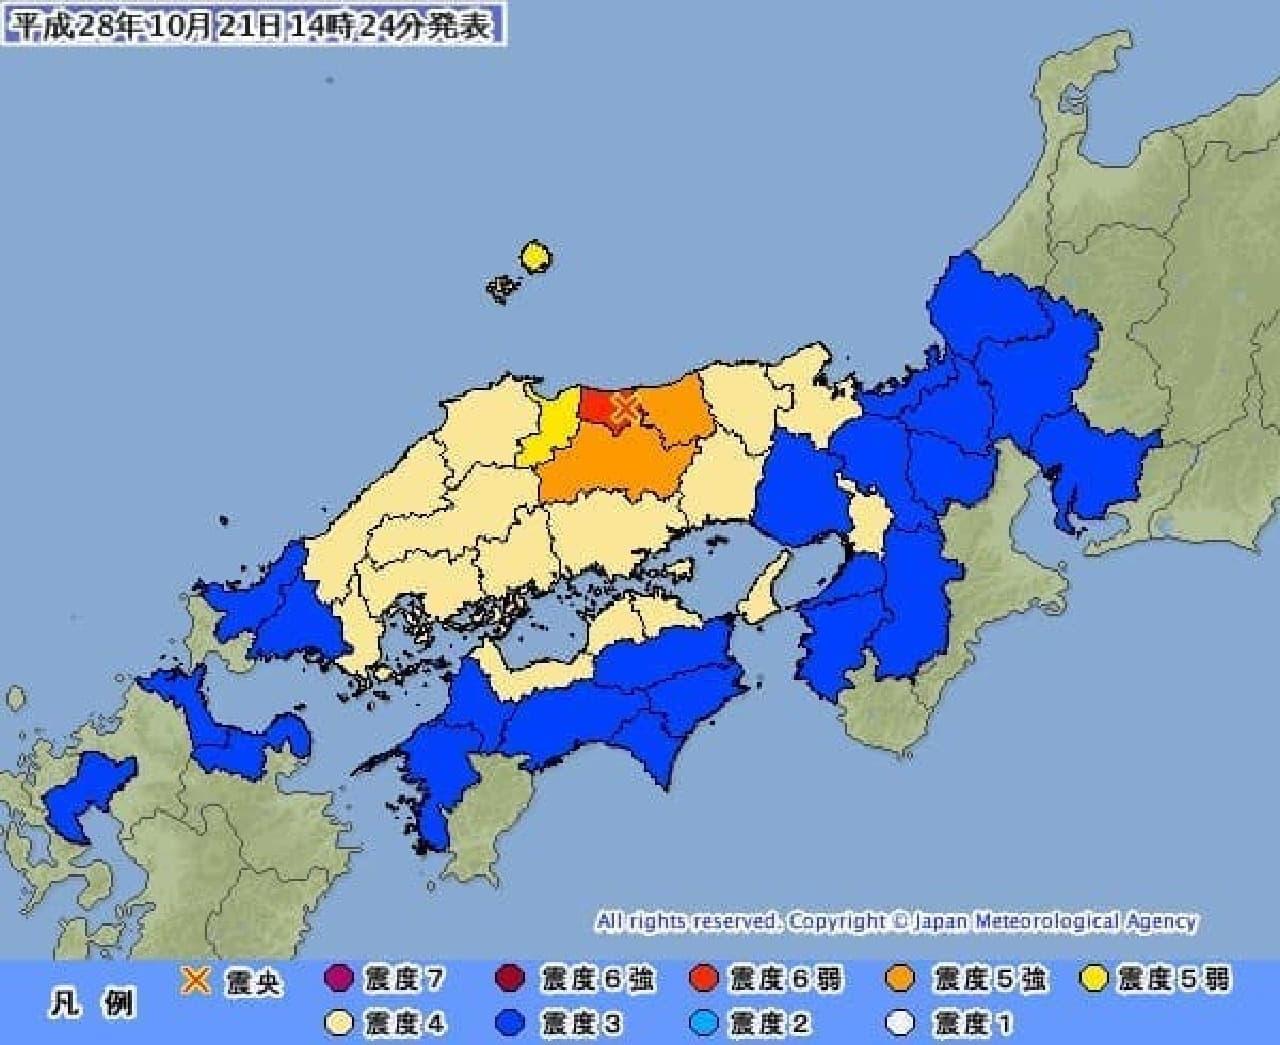 鳥取地震の震度情報